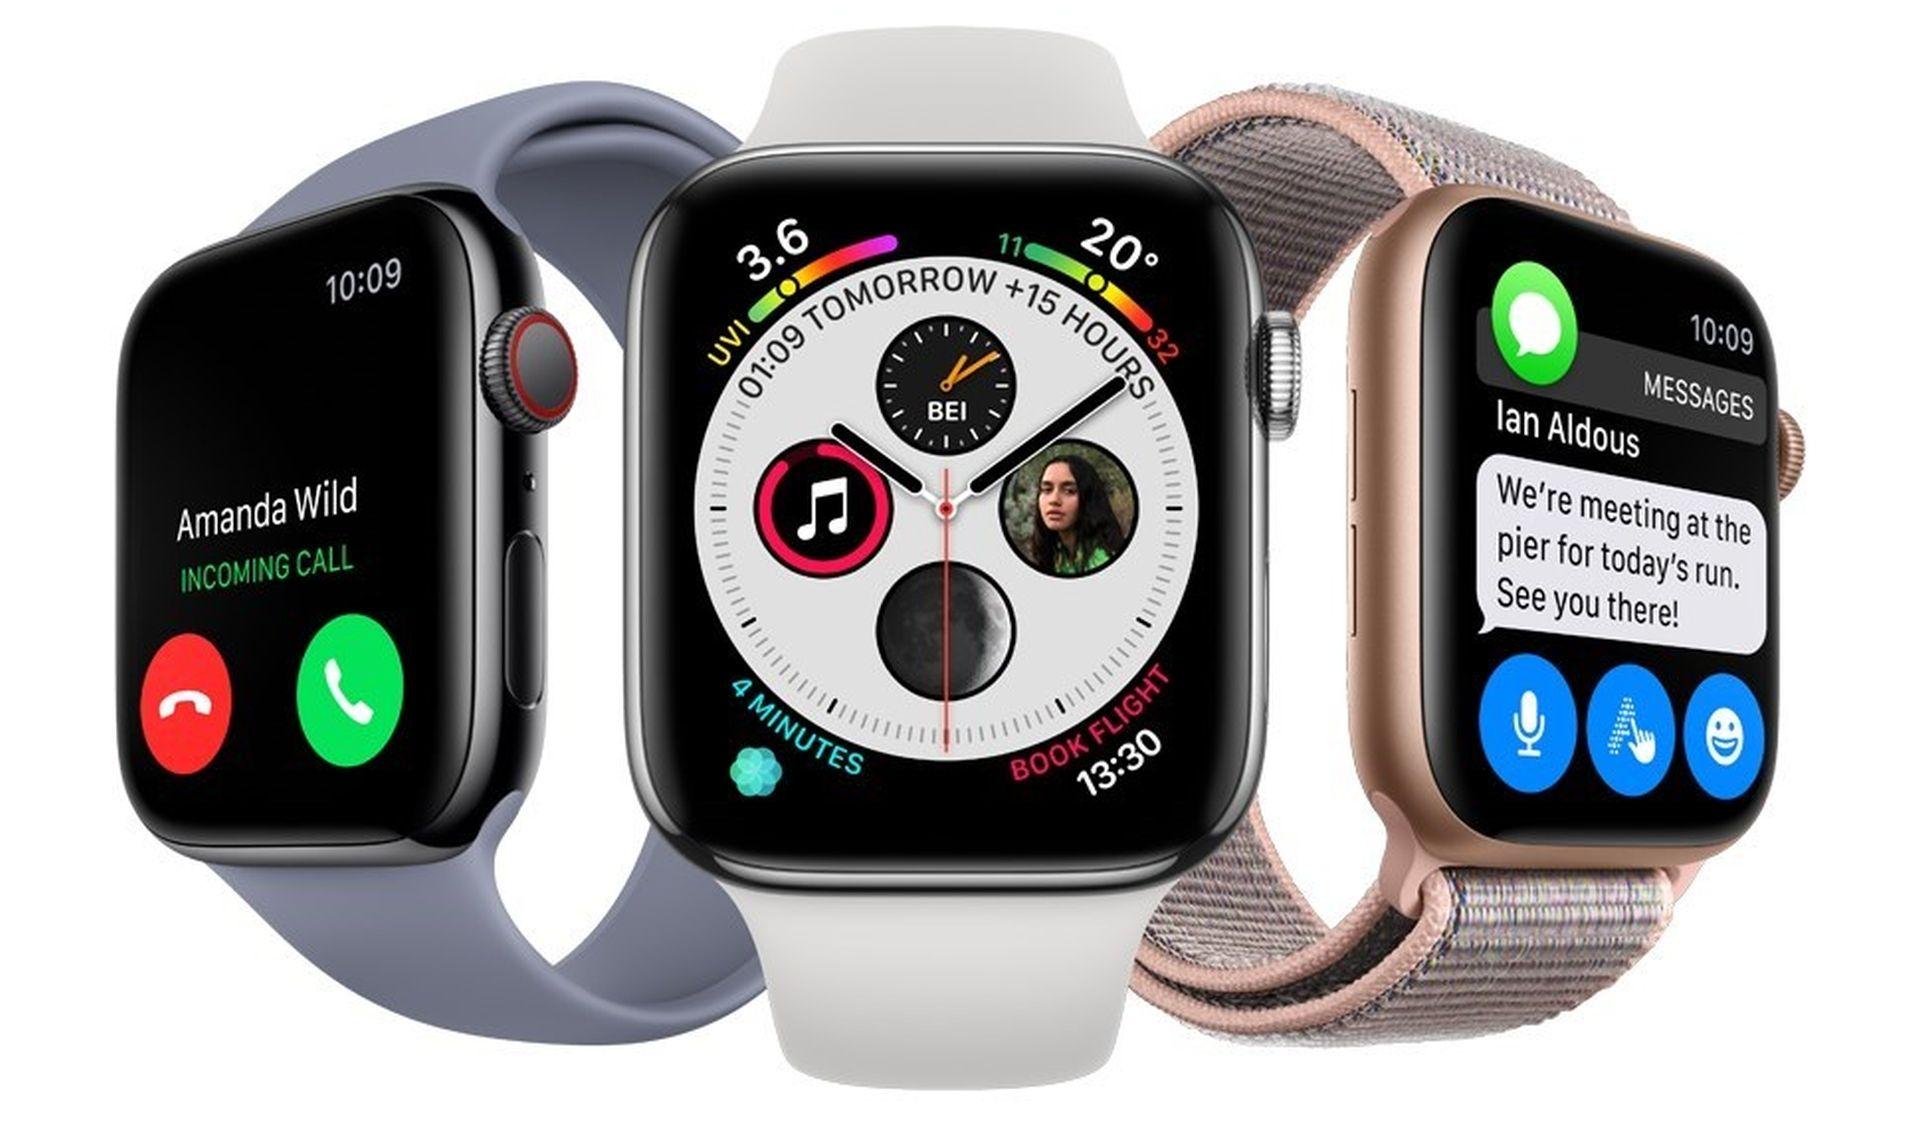 Zegarek Apple Watch zdominował rynek akcesoriów wearables w USA